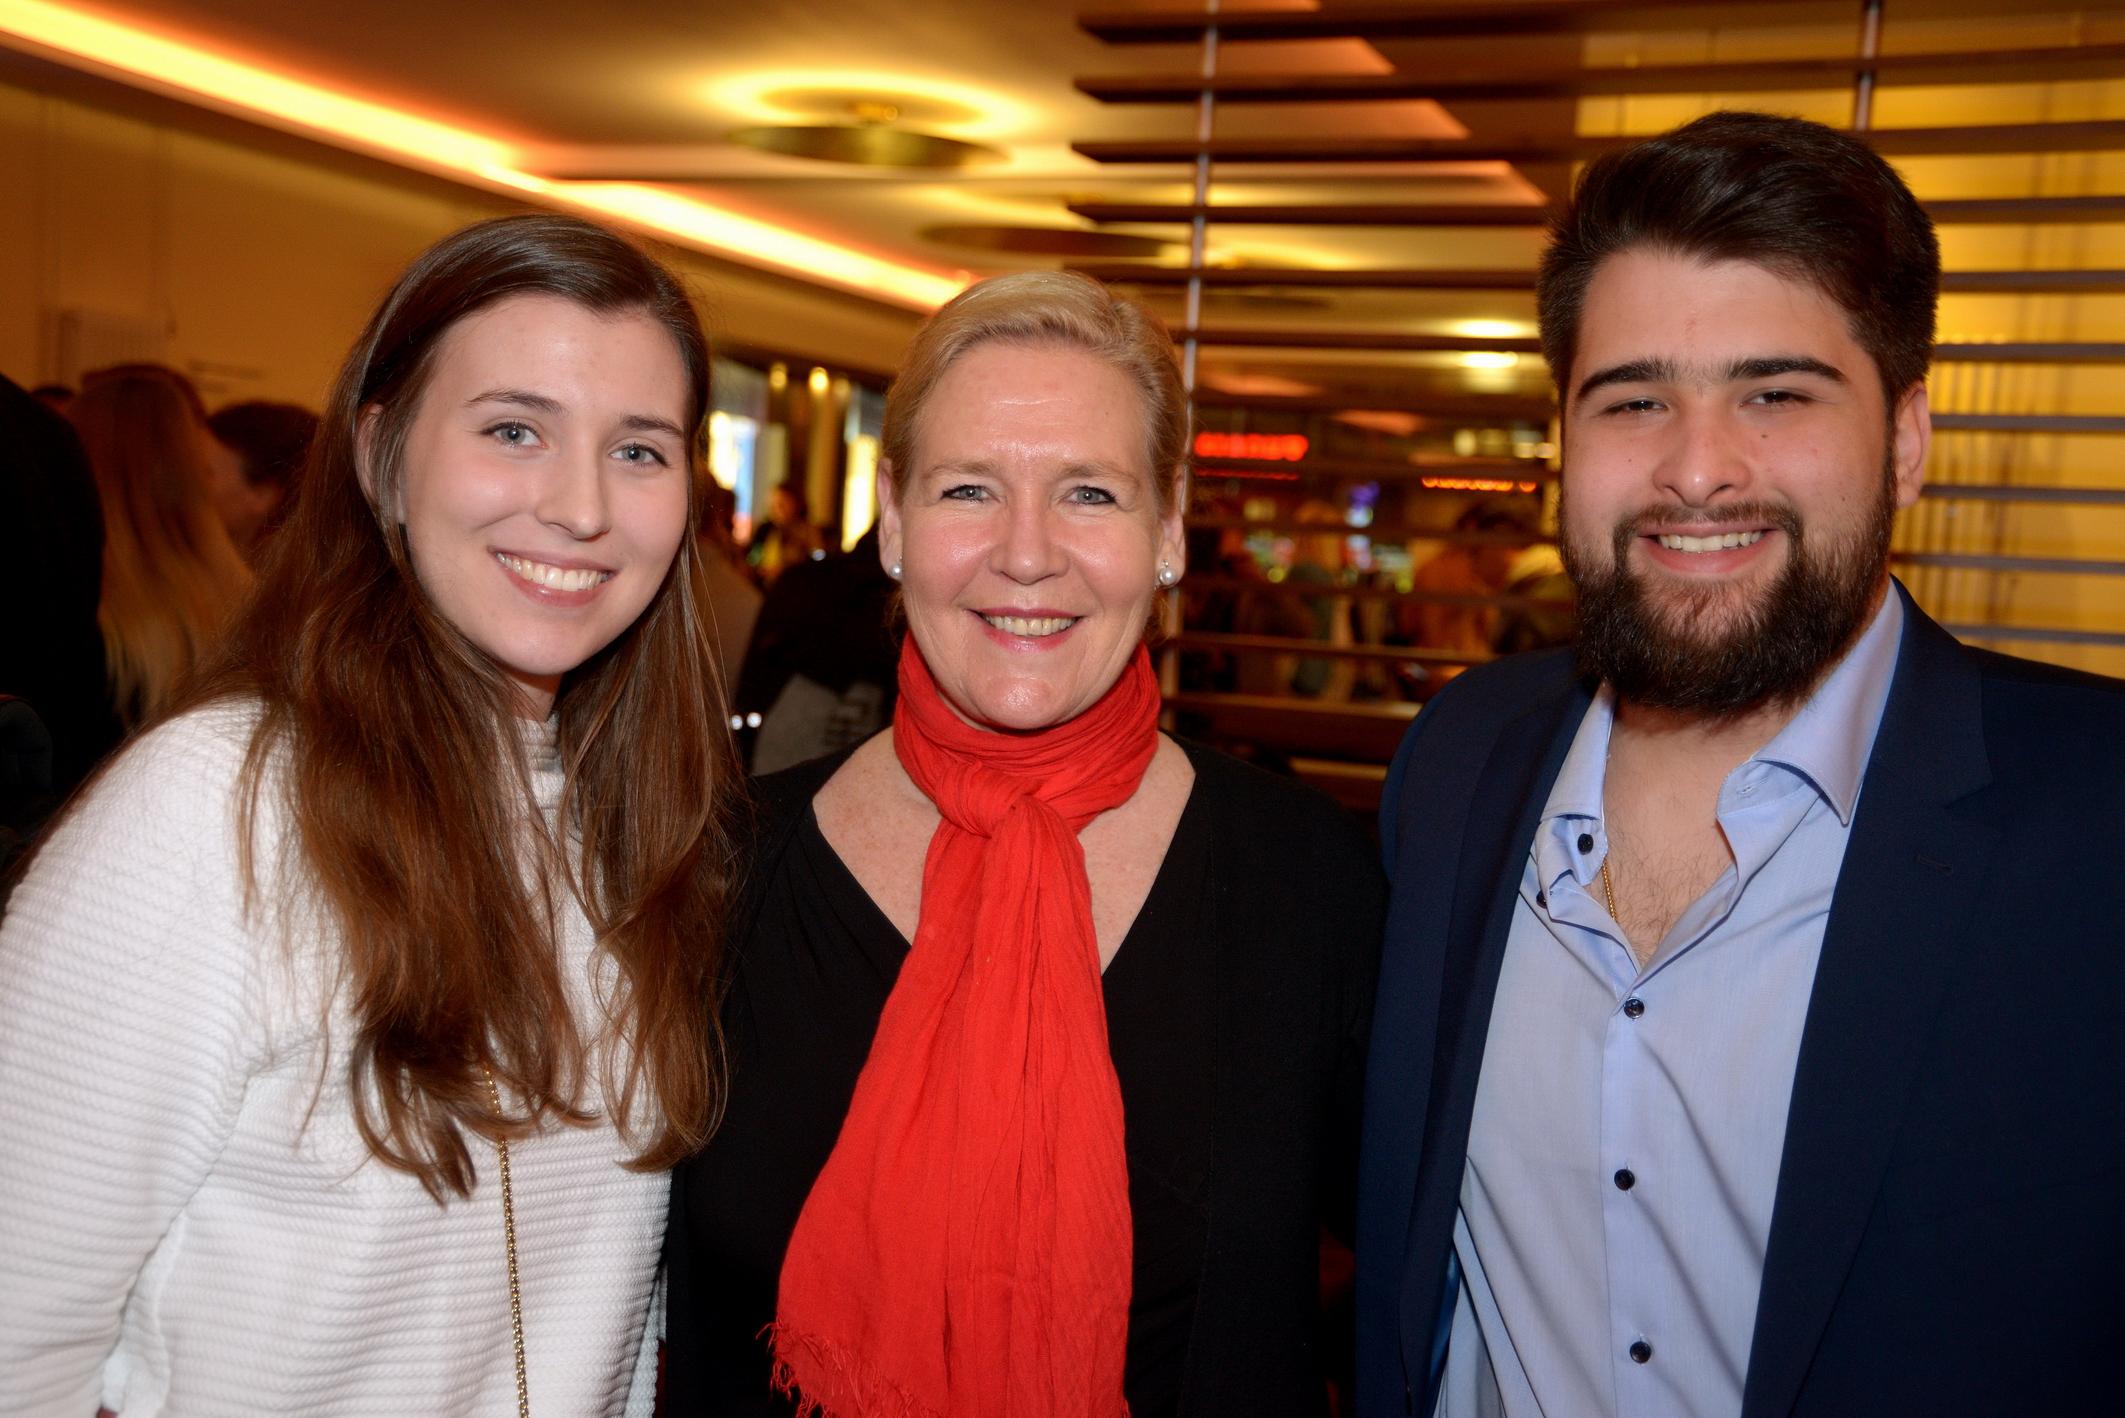 Foto: Michael B. Rehders - Ulrike Krämer inmitten von zwei ihrer Studenten.